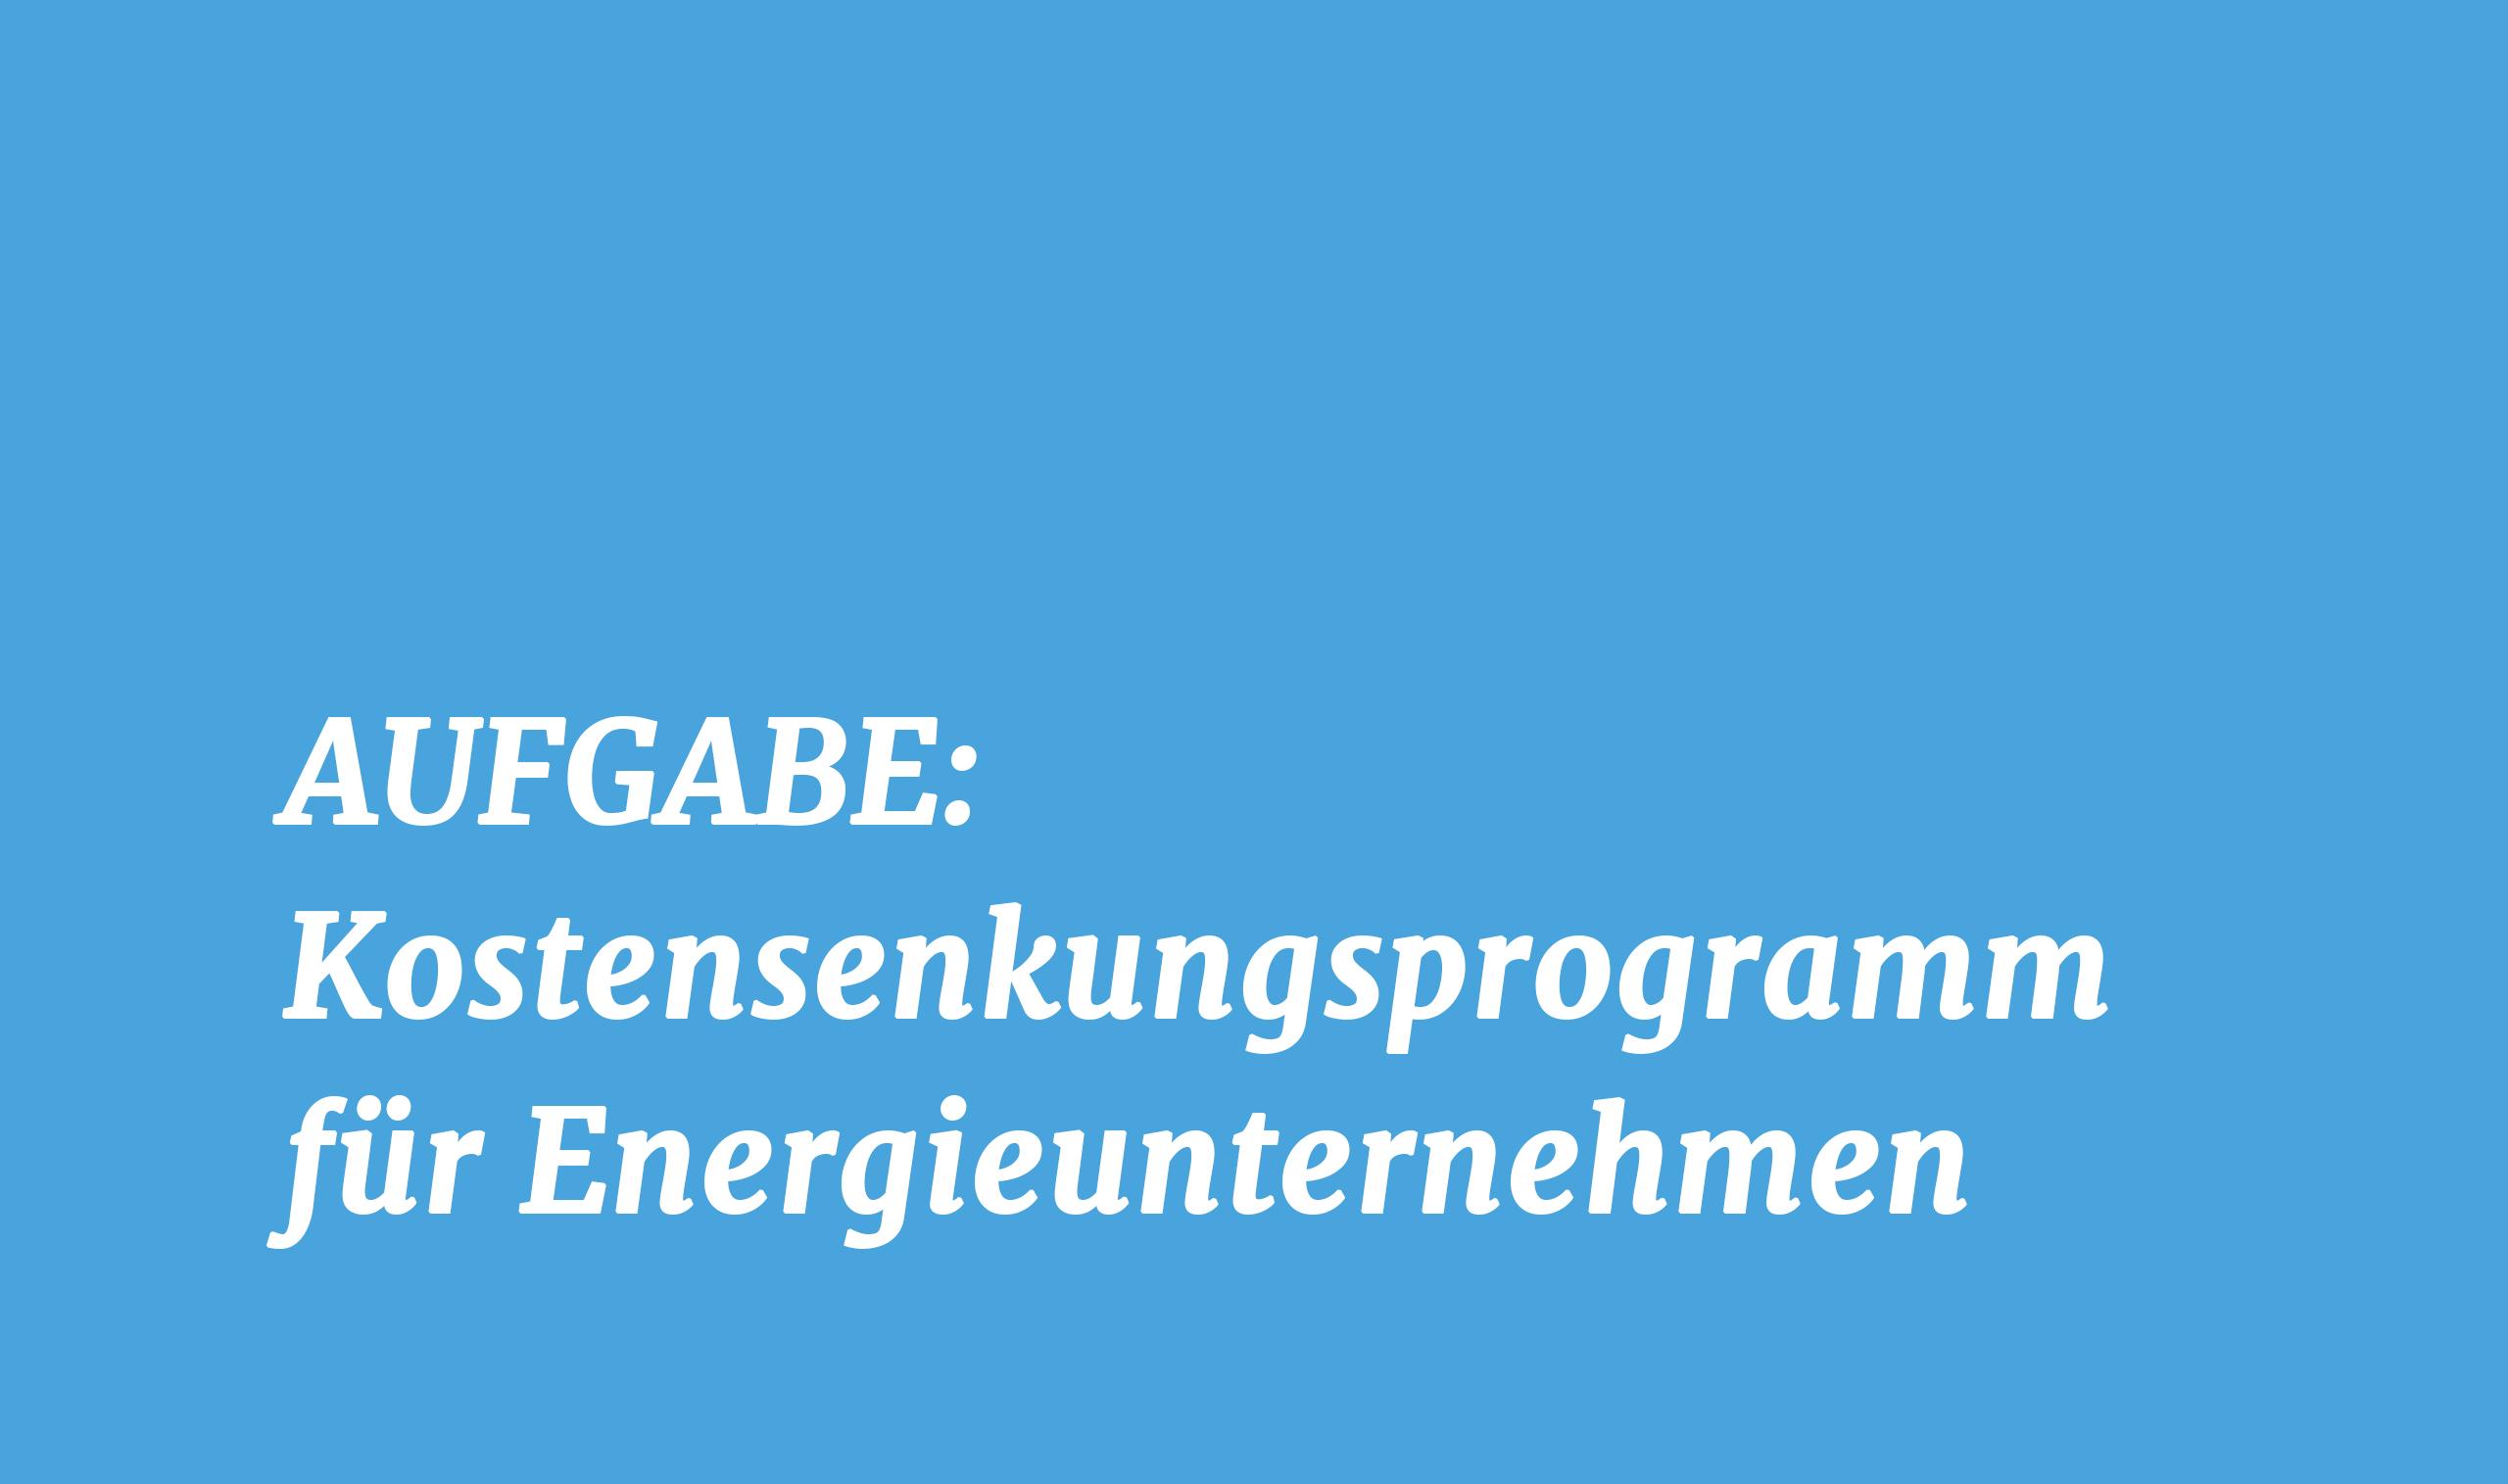 AXXCON Effizienzprogramm Kostensenkungsprogramm Energie